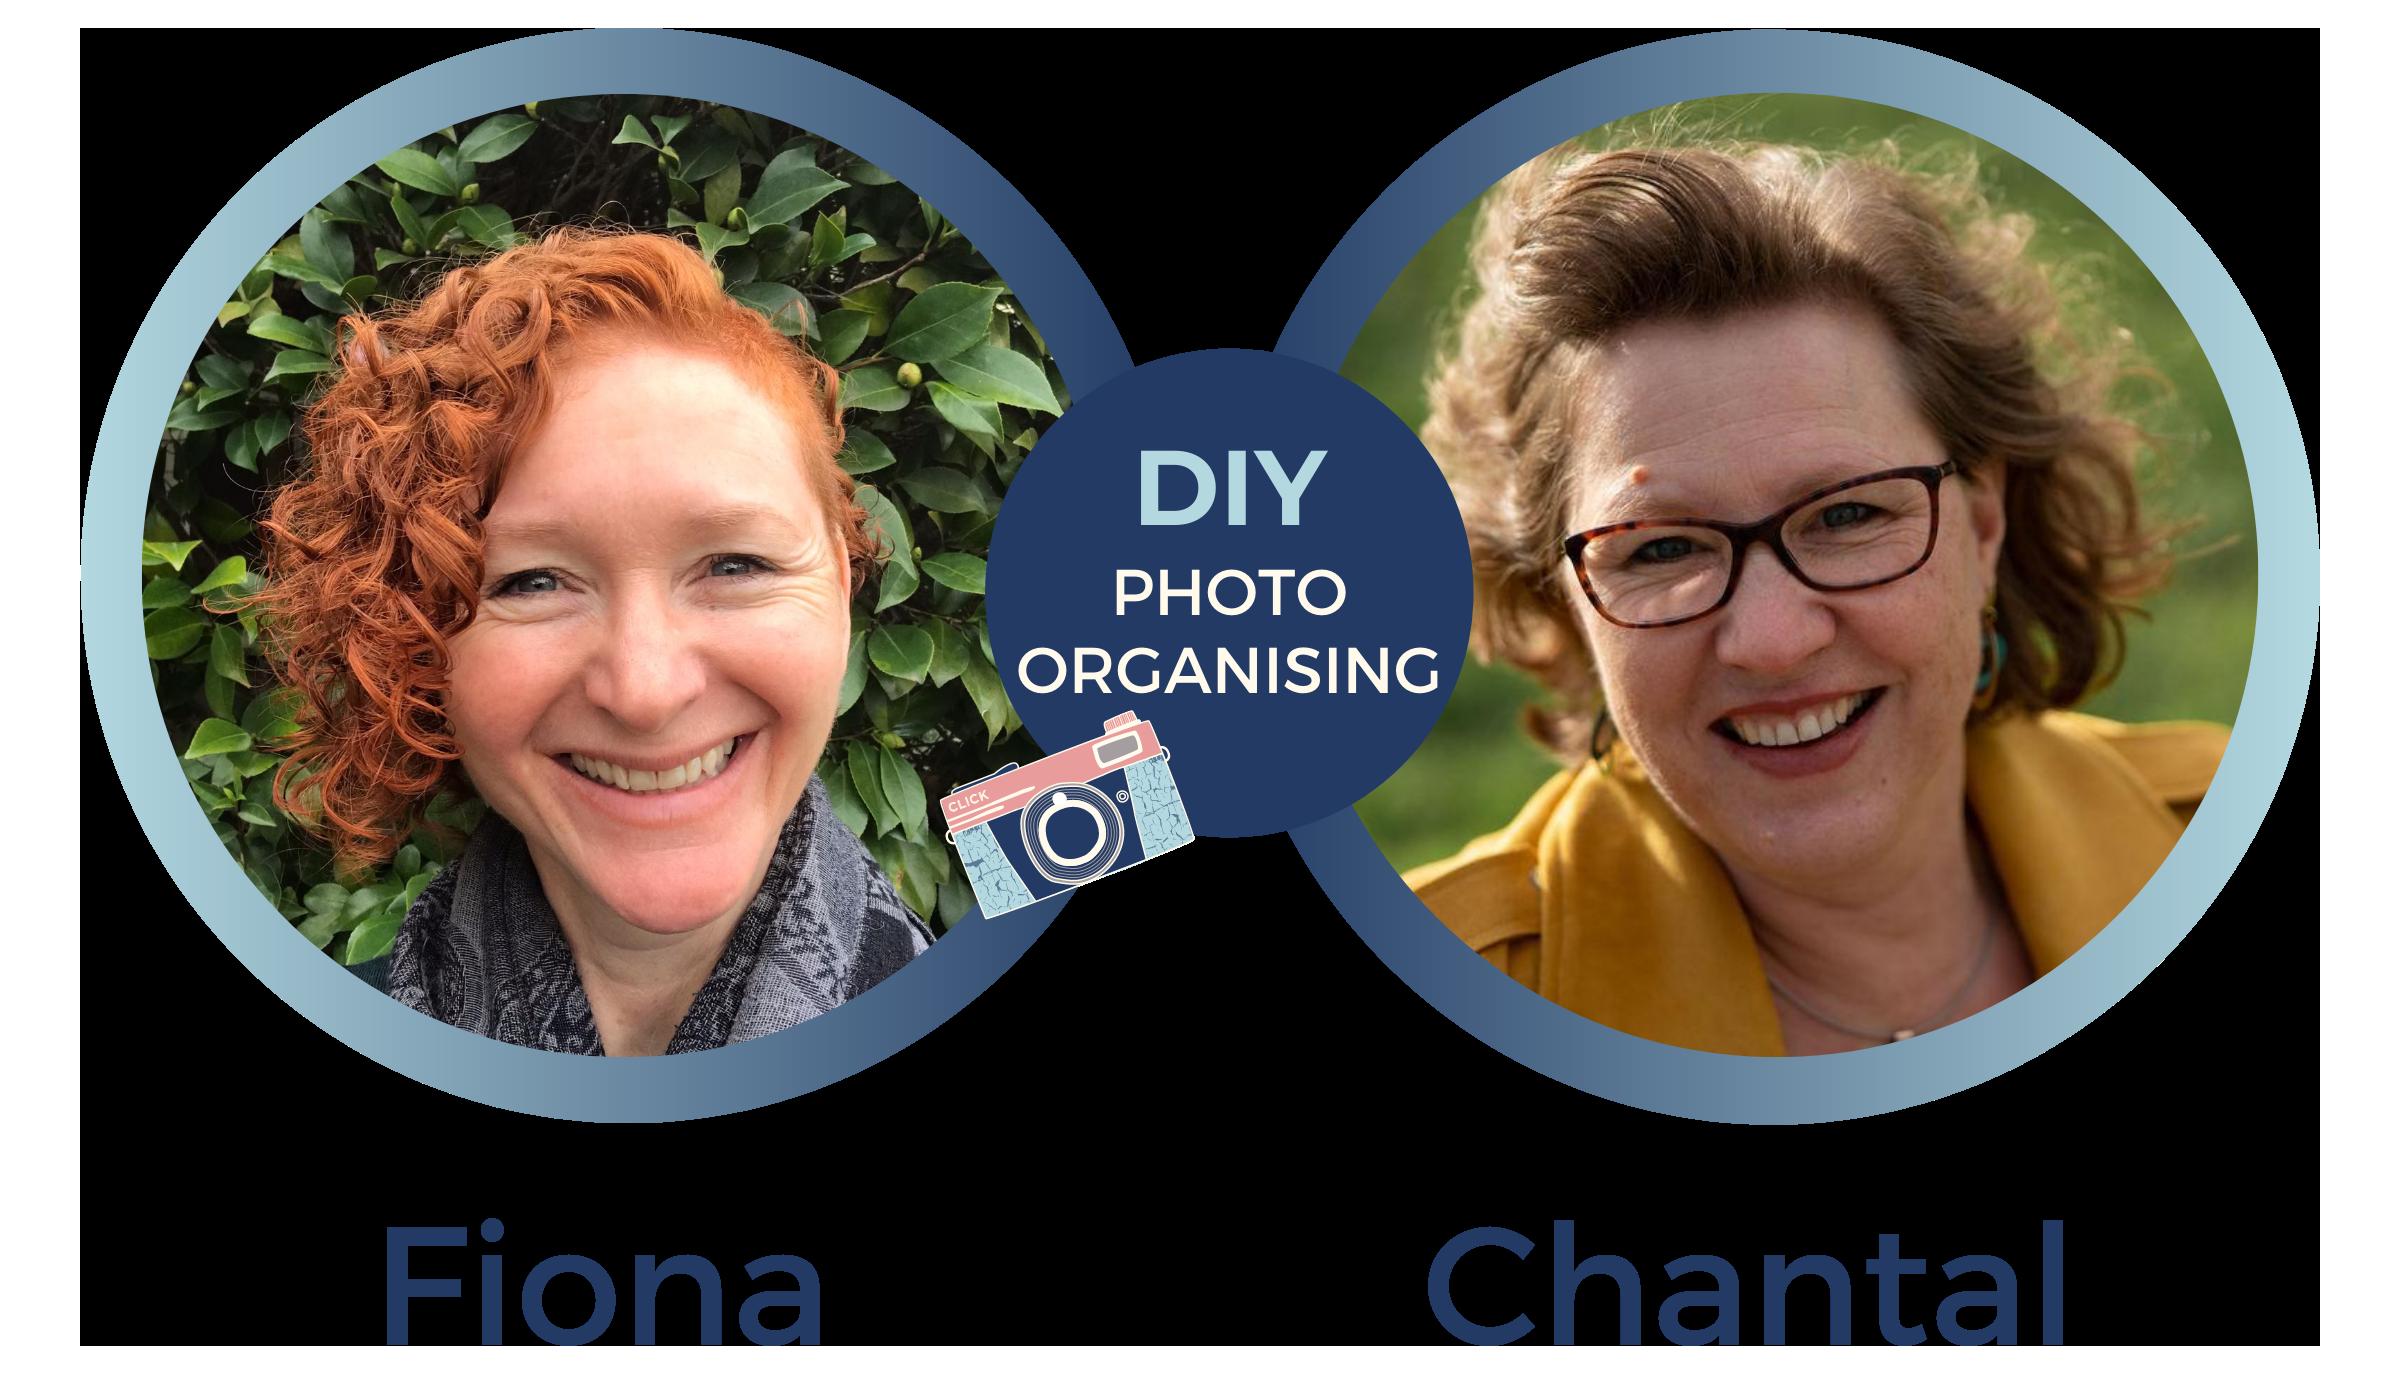 Fiona and Chantal DIY Photo Organising